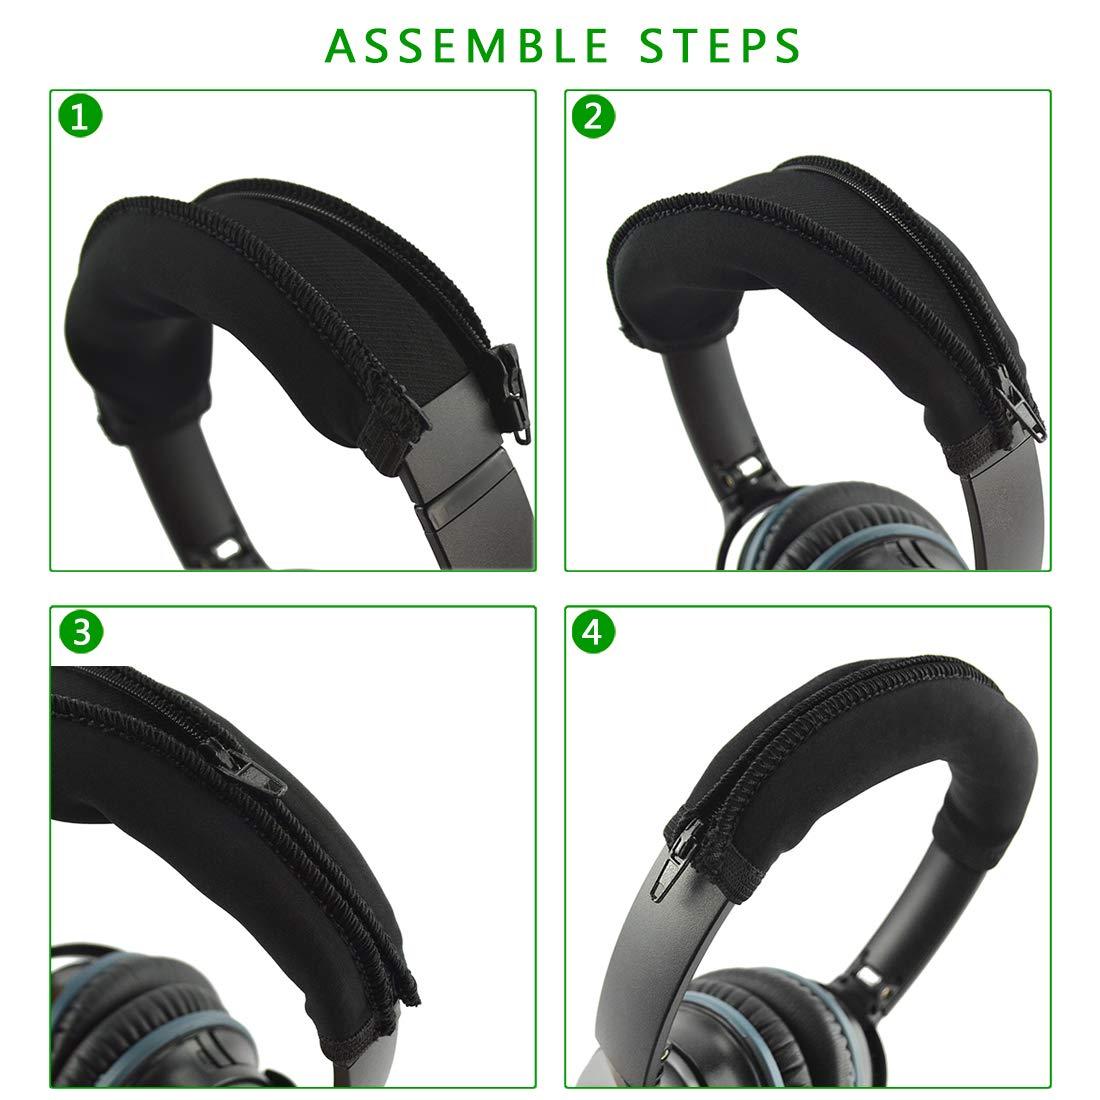 Cancelaci/ón de ruido ac/ústica Bose QuietComfort QC25/Auriculares de repuesto para auriculares//Ear Cushion//Ear Cups//orejas Cubierta//almohadillas piezas de reparaci/ón